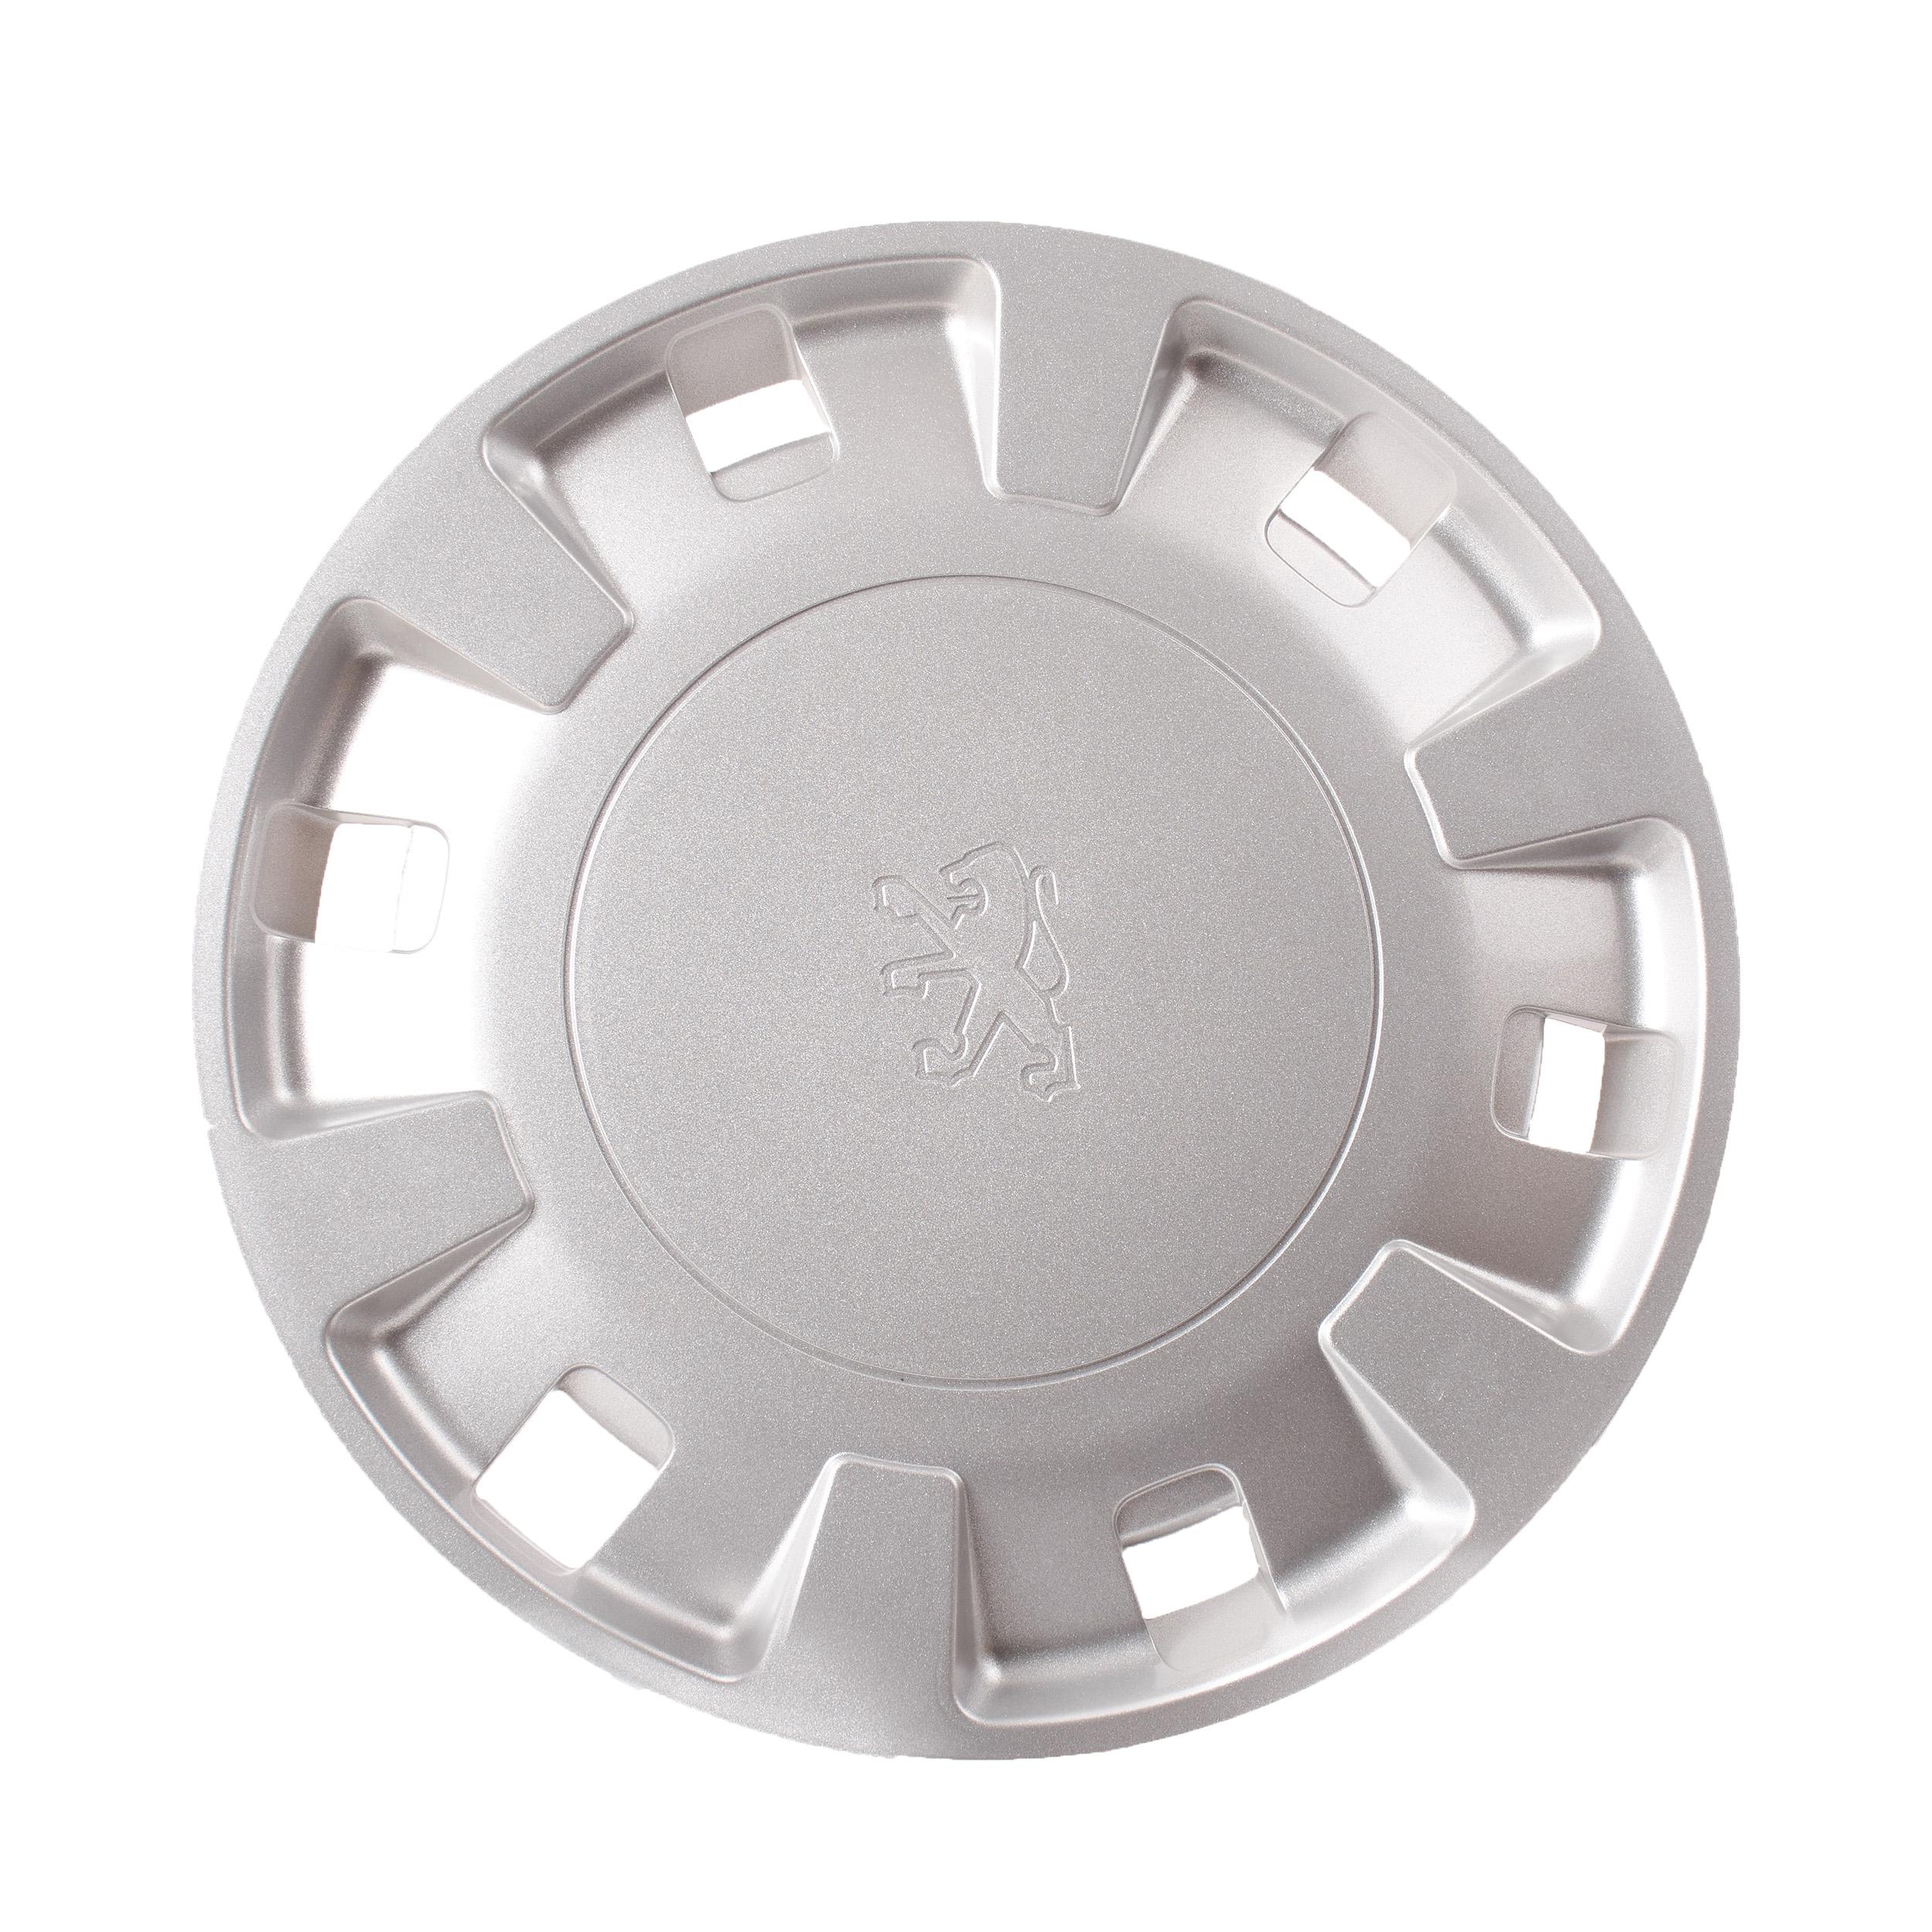 قالپاق چرخ تی پی ای مدل TPA-P05 سایز 14 اینچ مناسب برای پژو 405